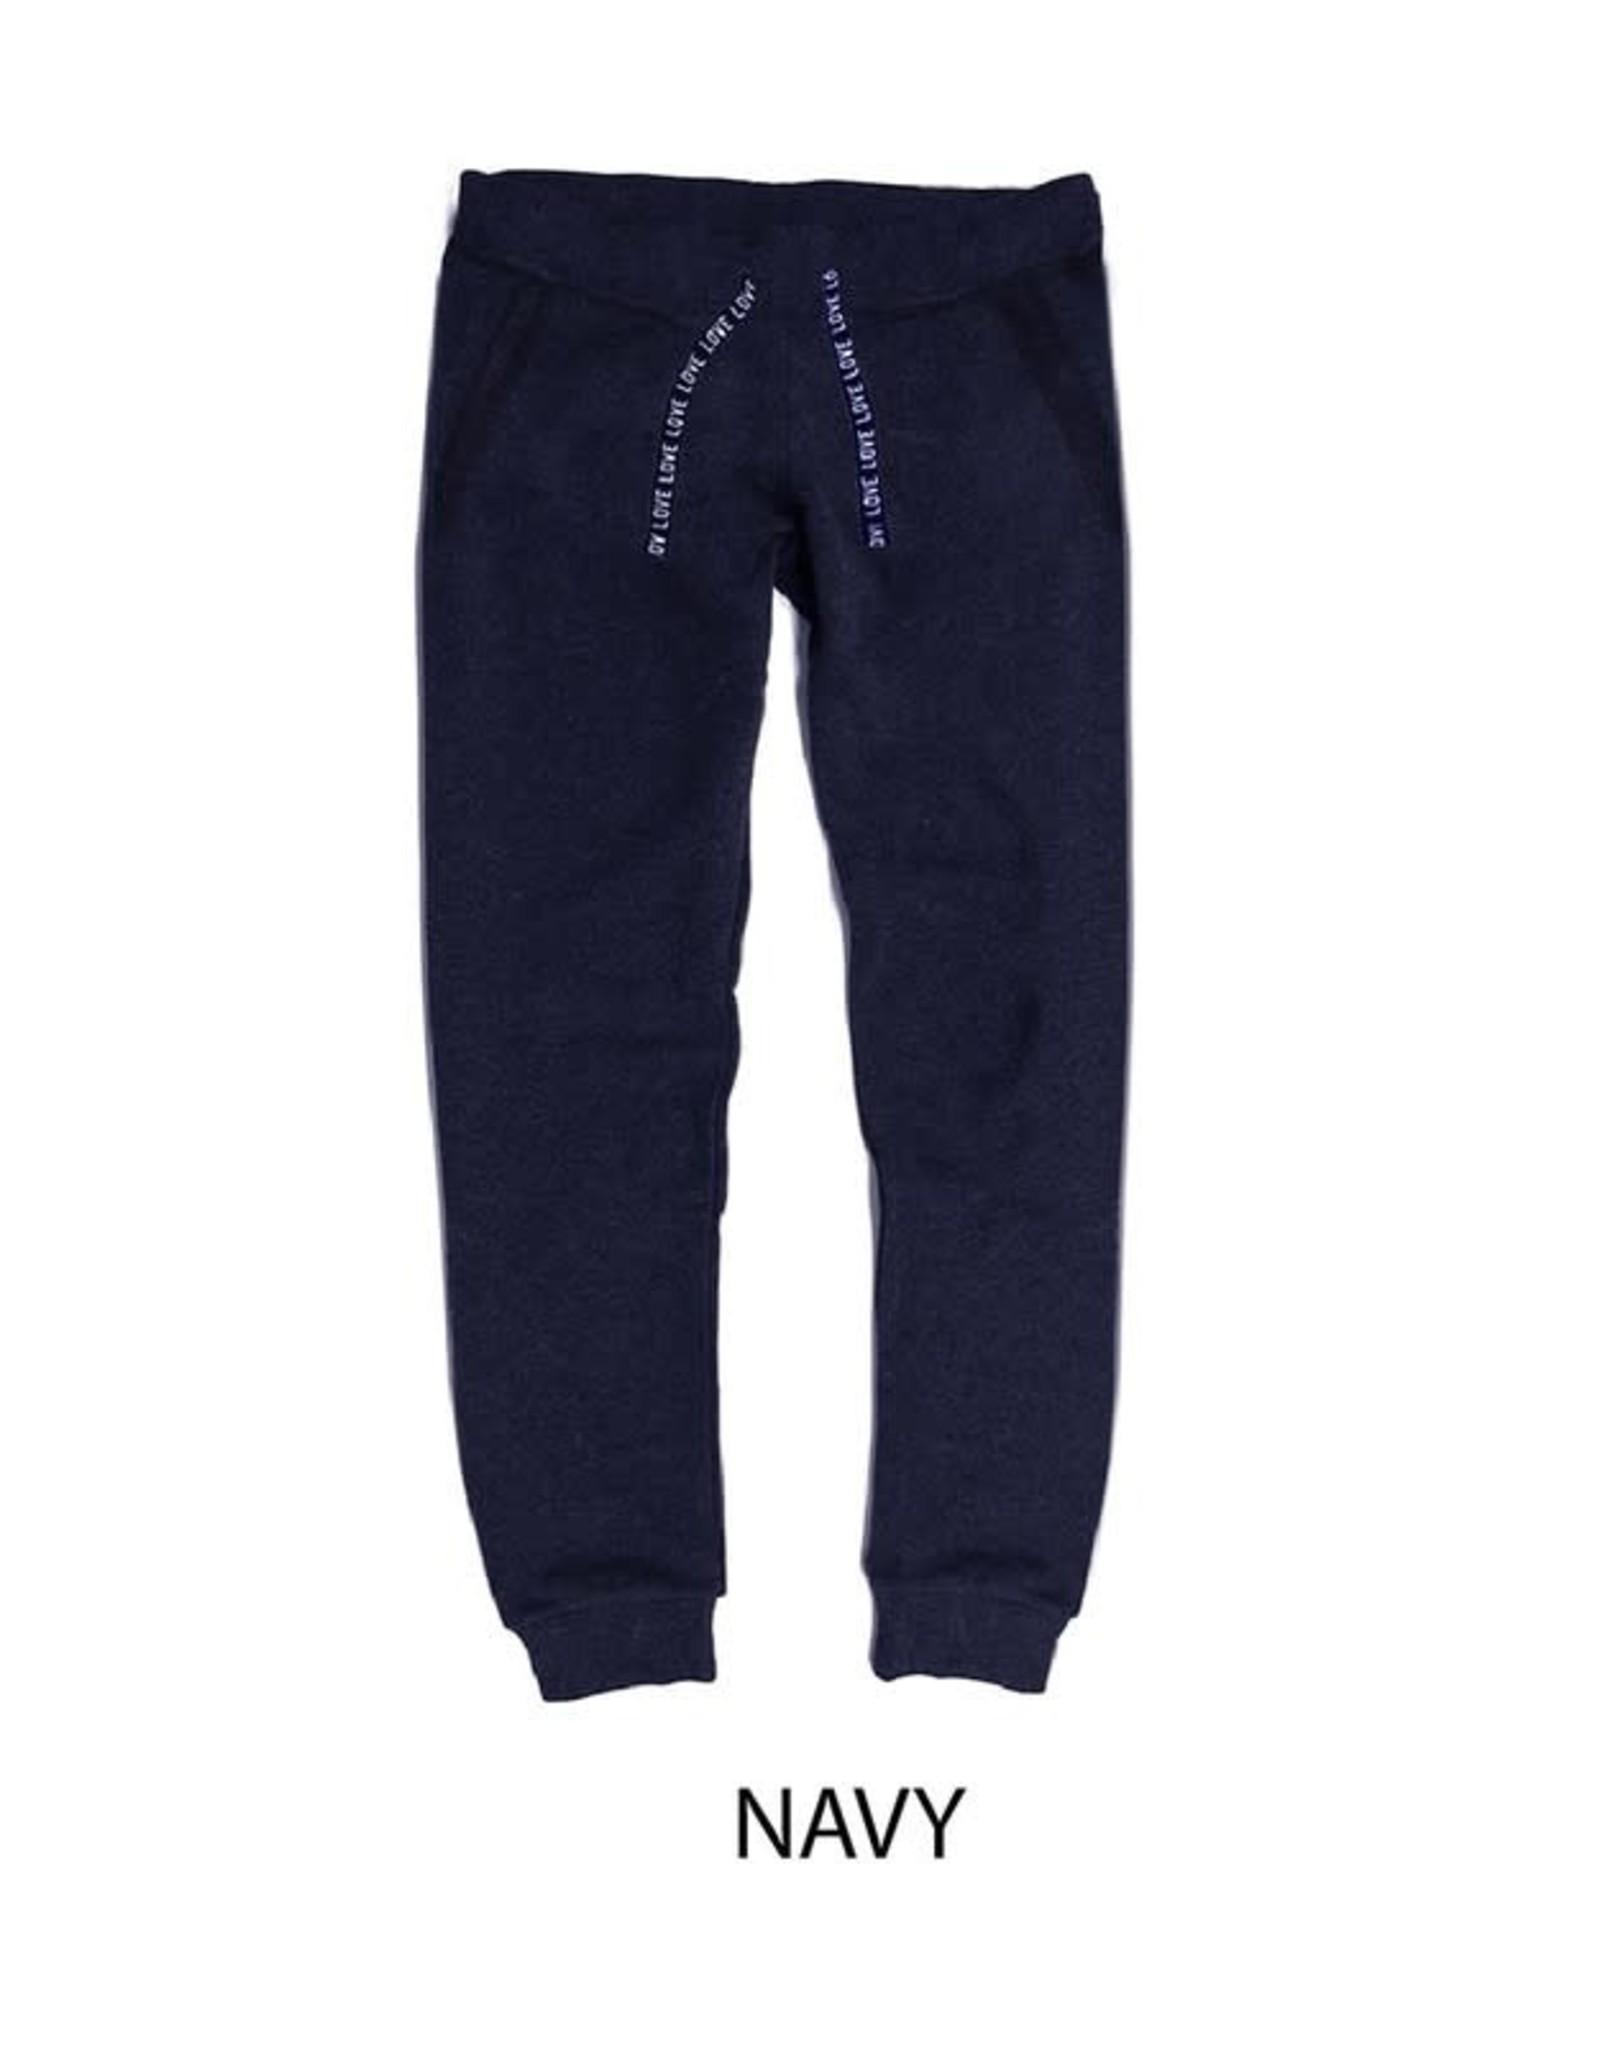 Reflex Navy Joggers